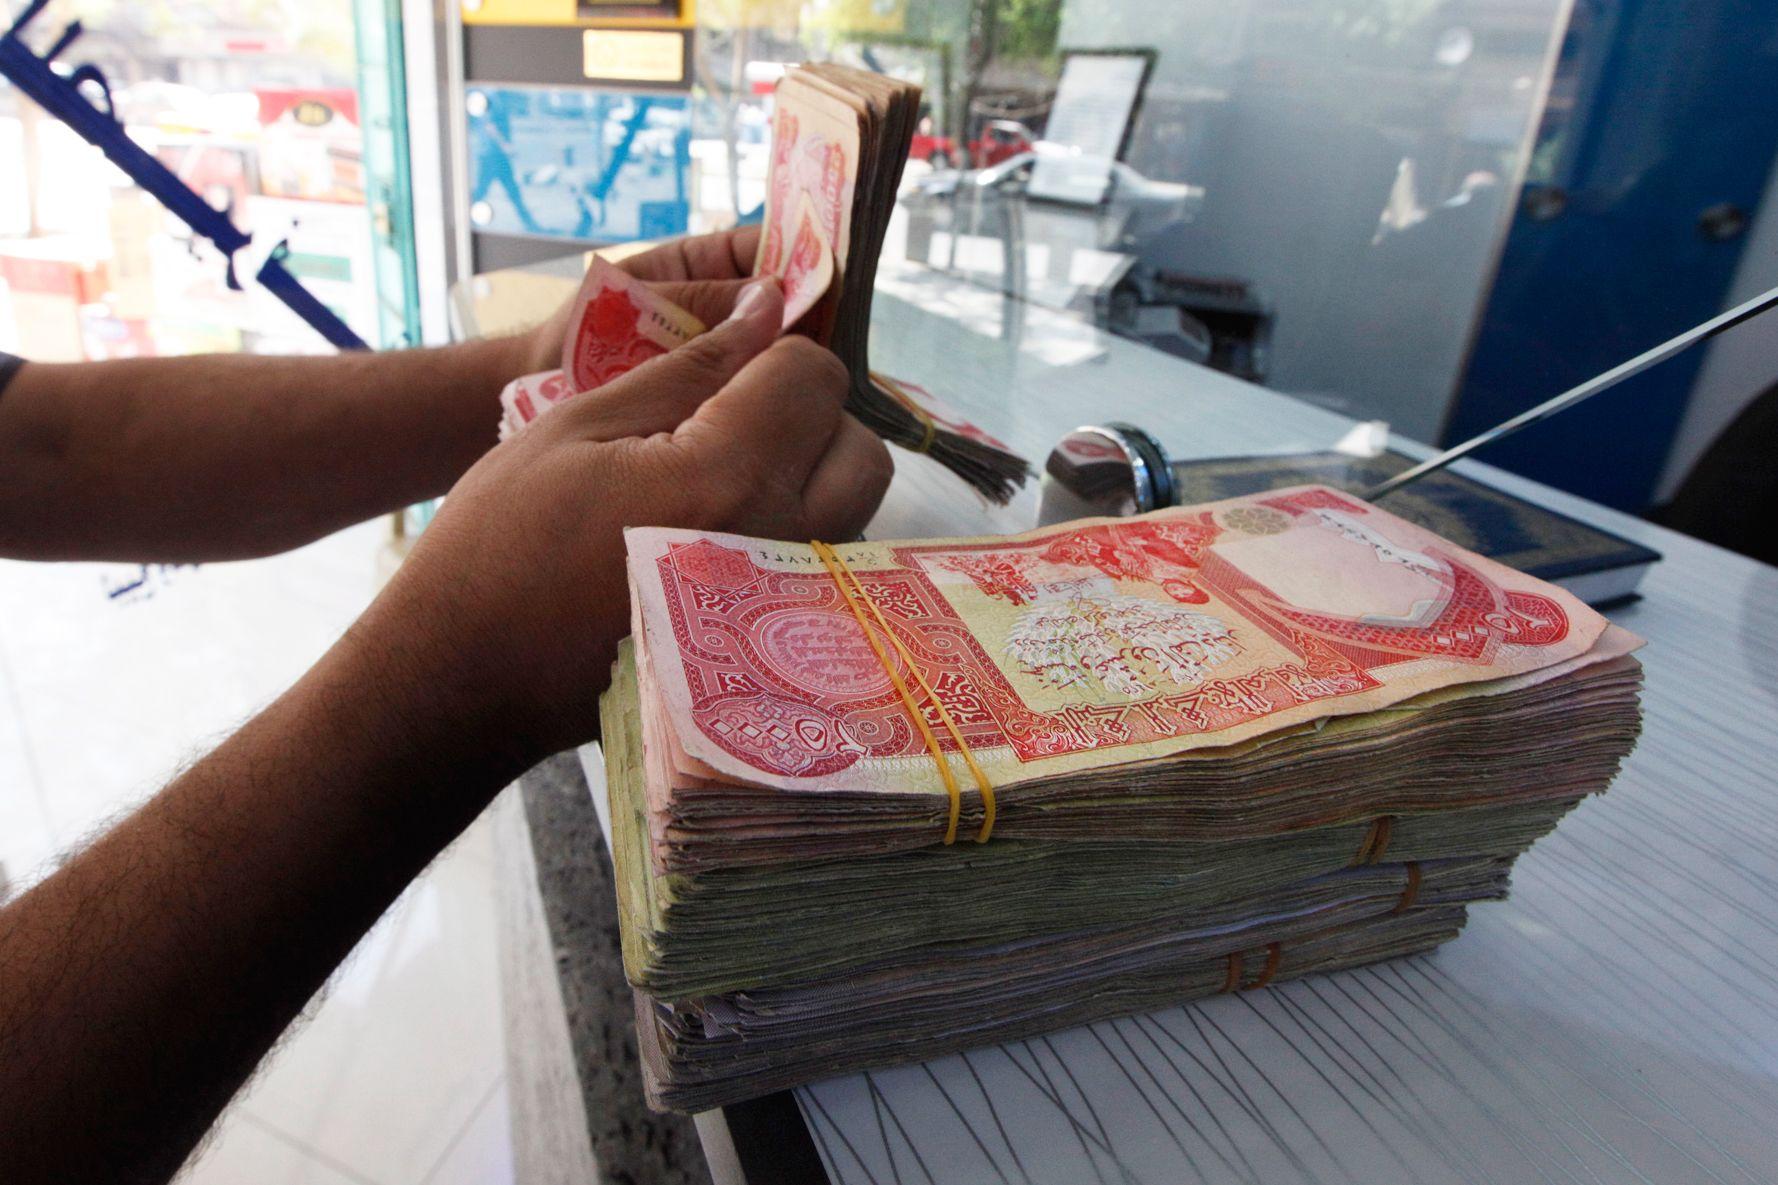 آیا مزایده فروش ارز در عراق، اقتصاد ایران را احیا میکند؟ / آیا تهران به دنبال افزایش ارزش ارز داخلی عراق است؟